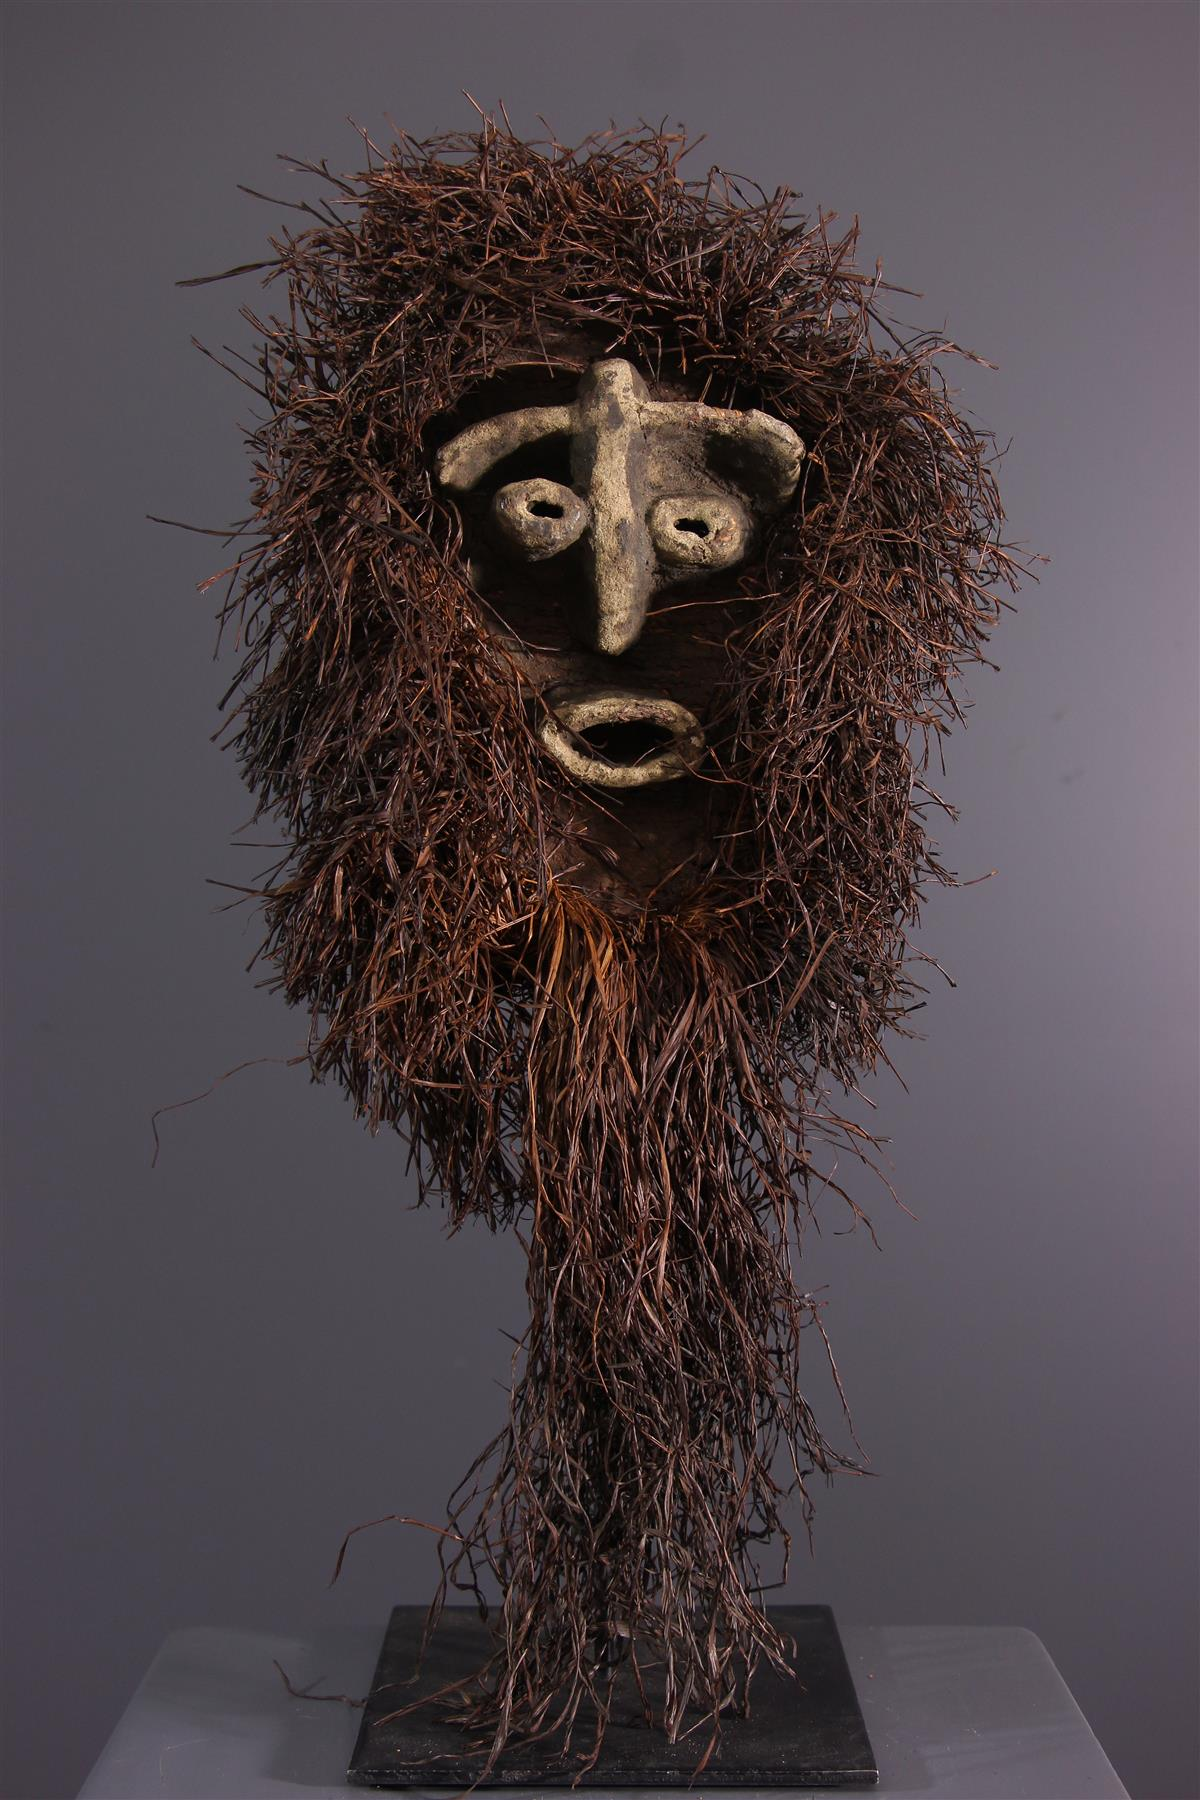 Chokwe Mask - African art